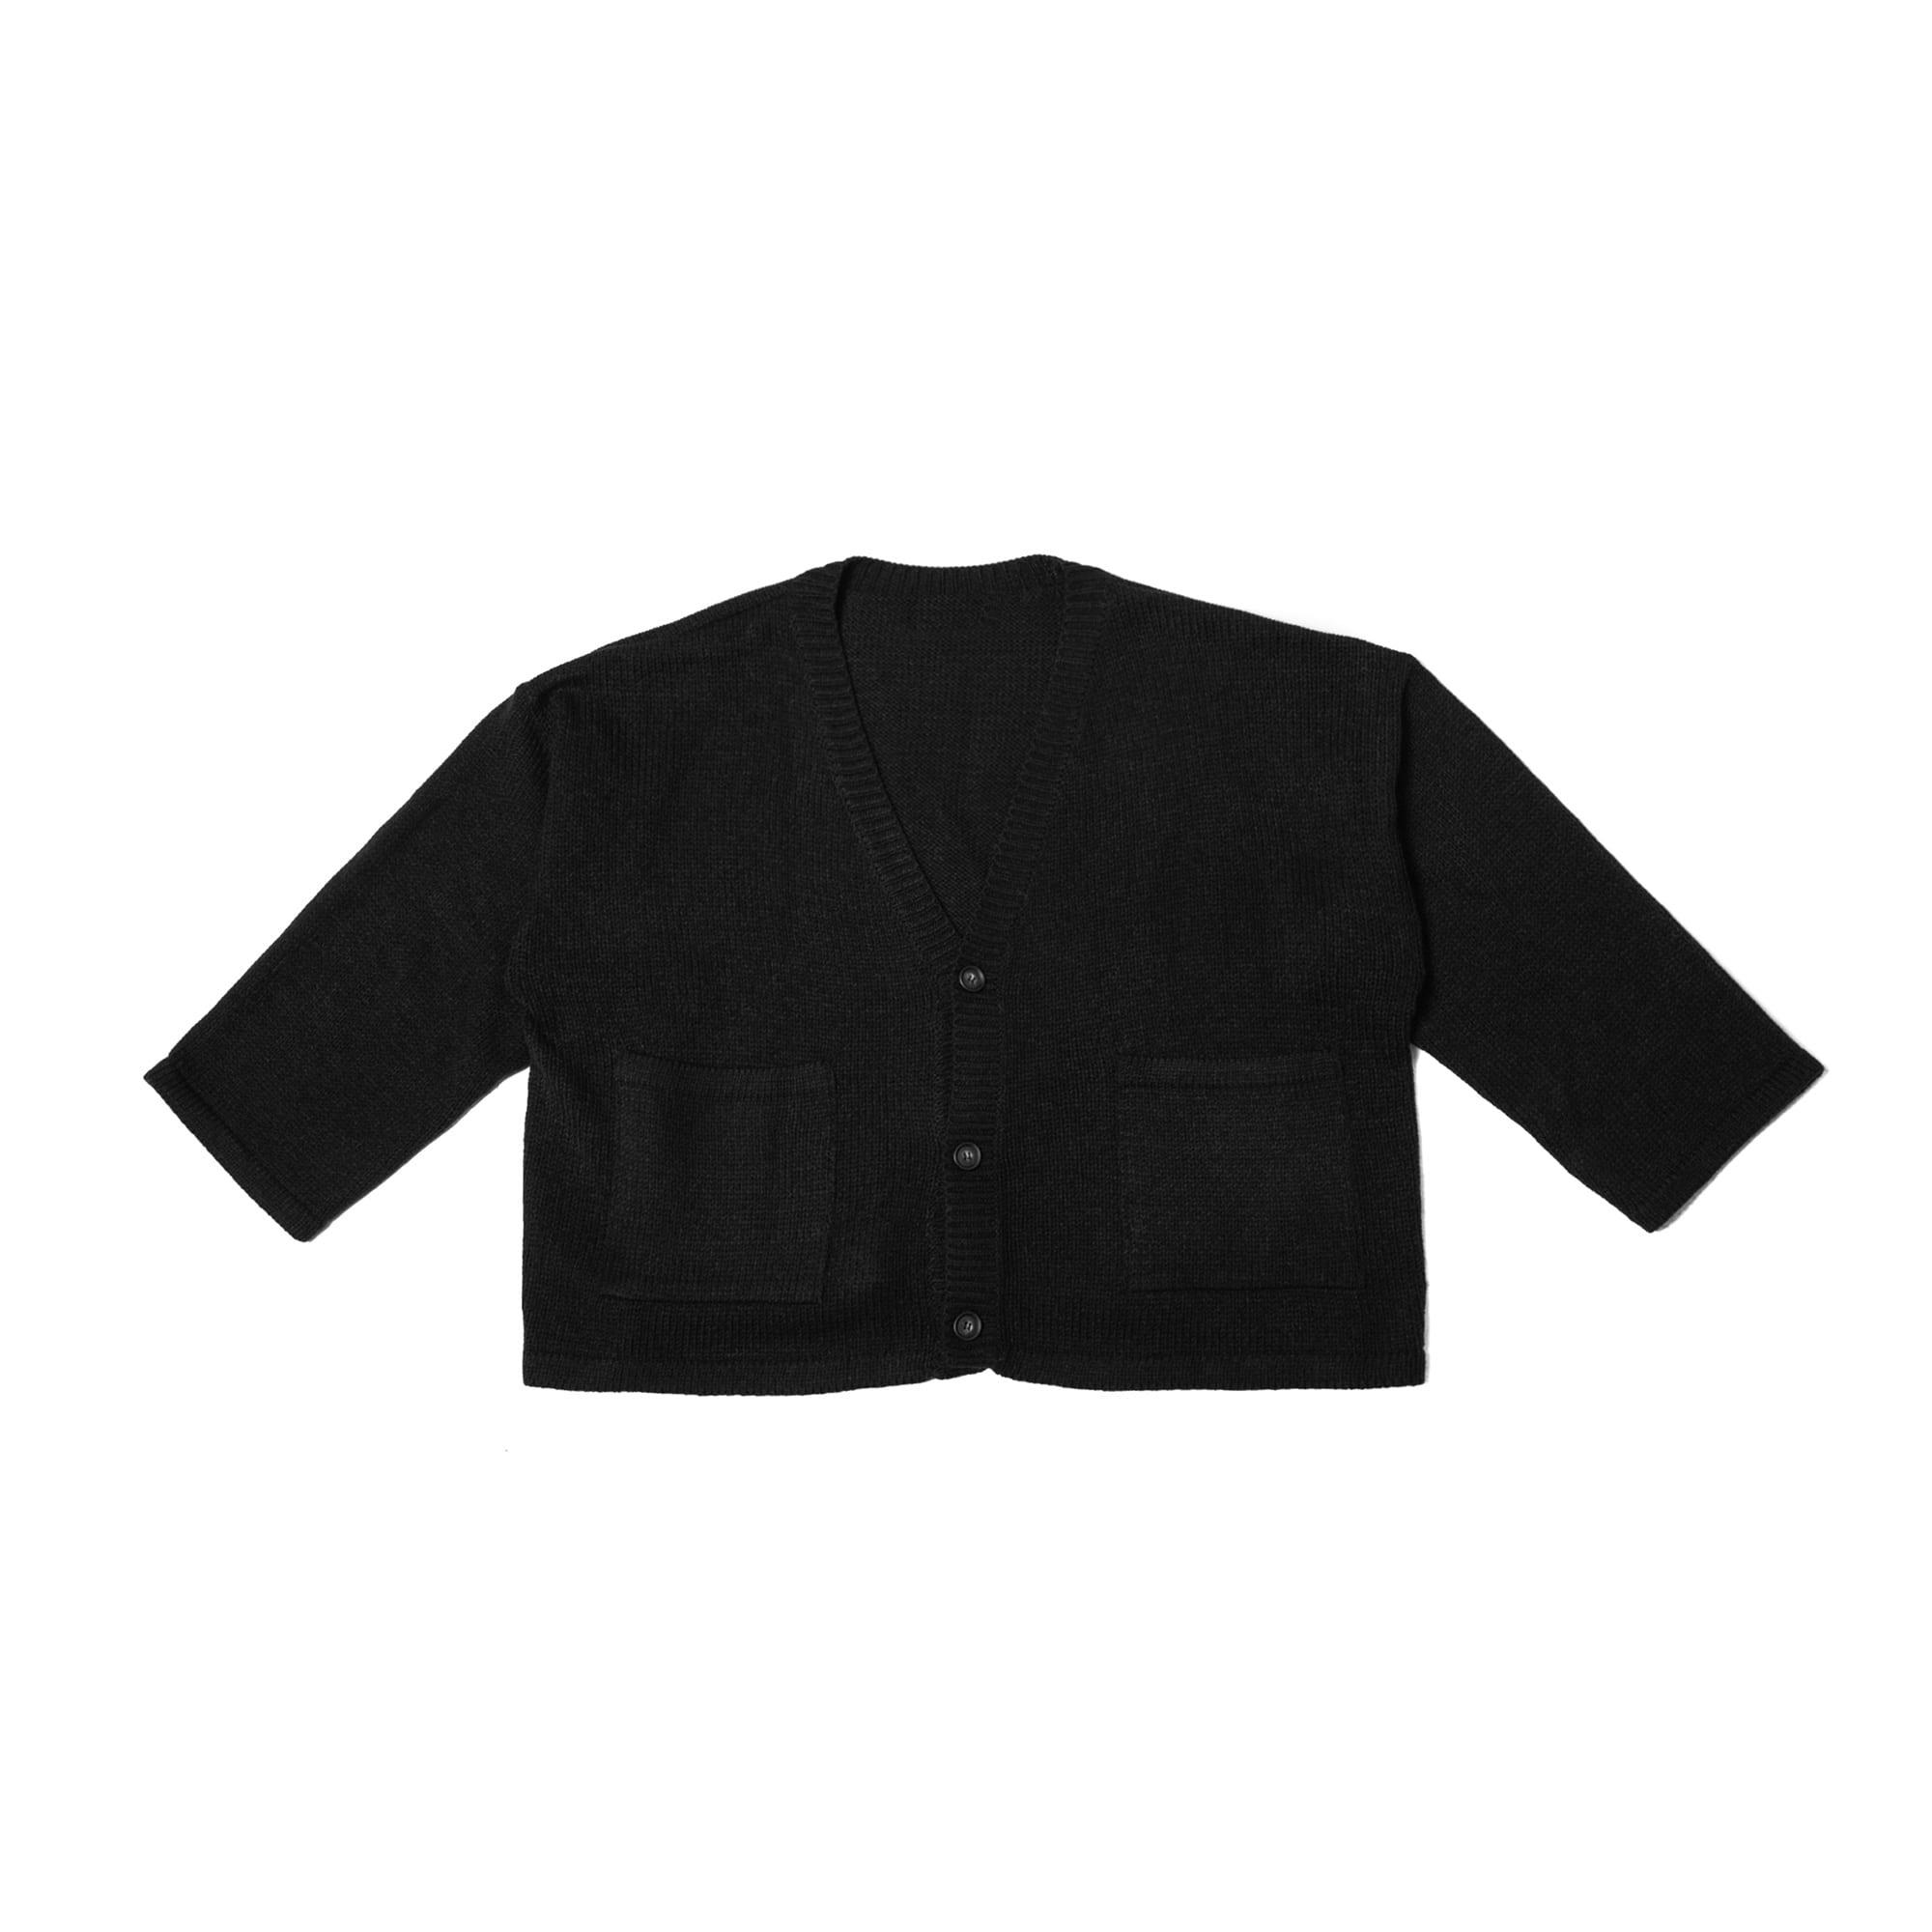 V-Neck Wide Knit Cardigan - Black